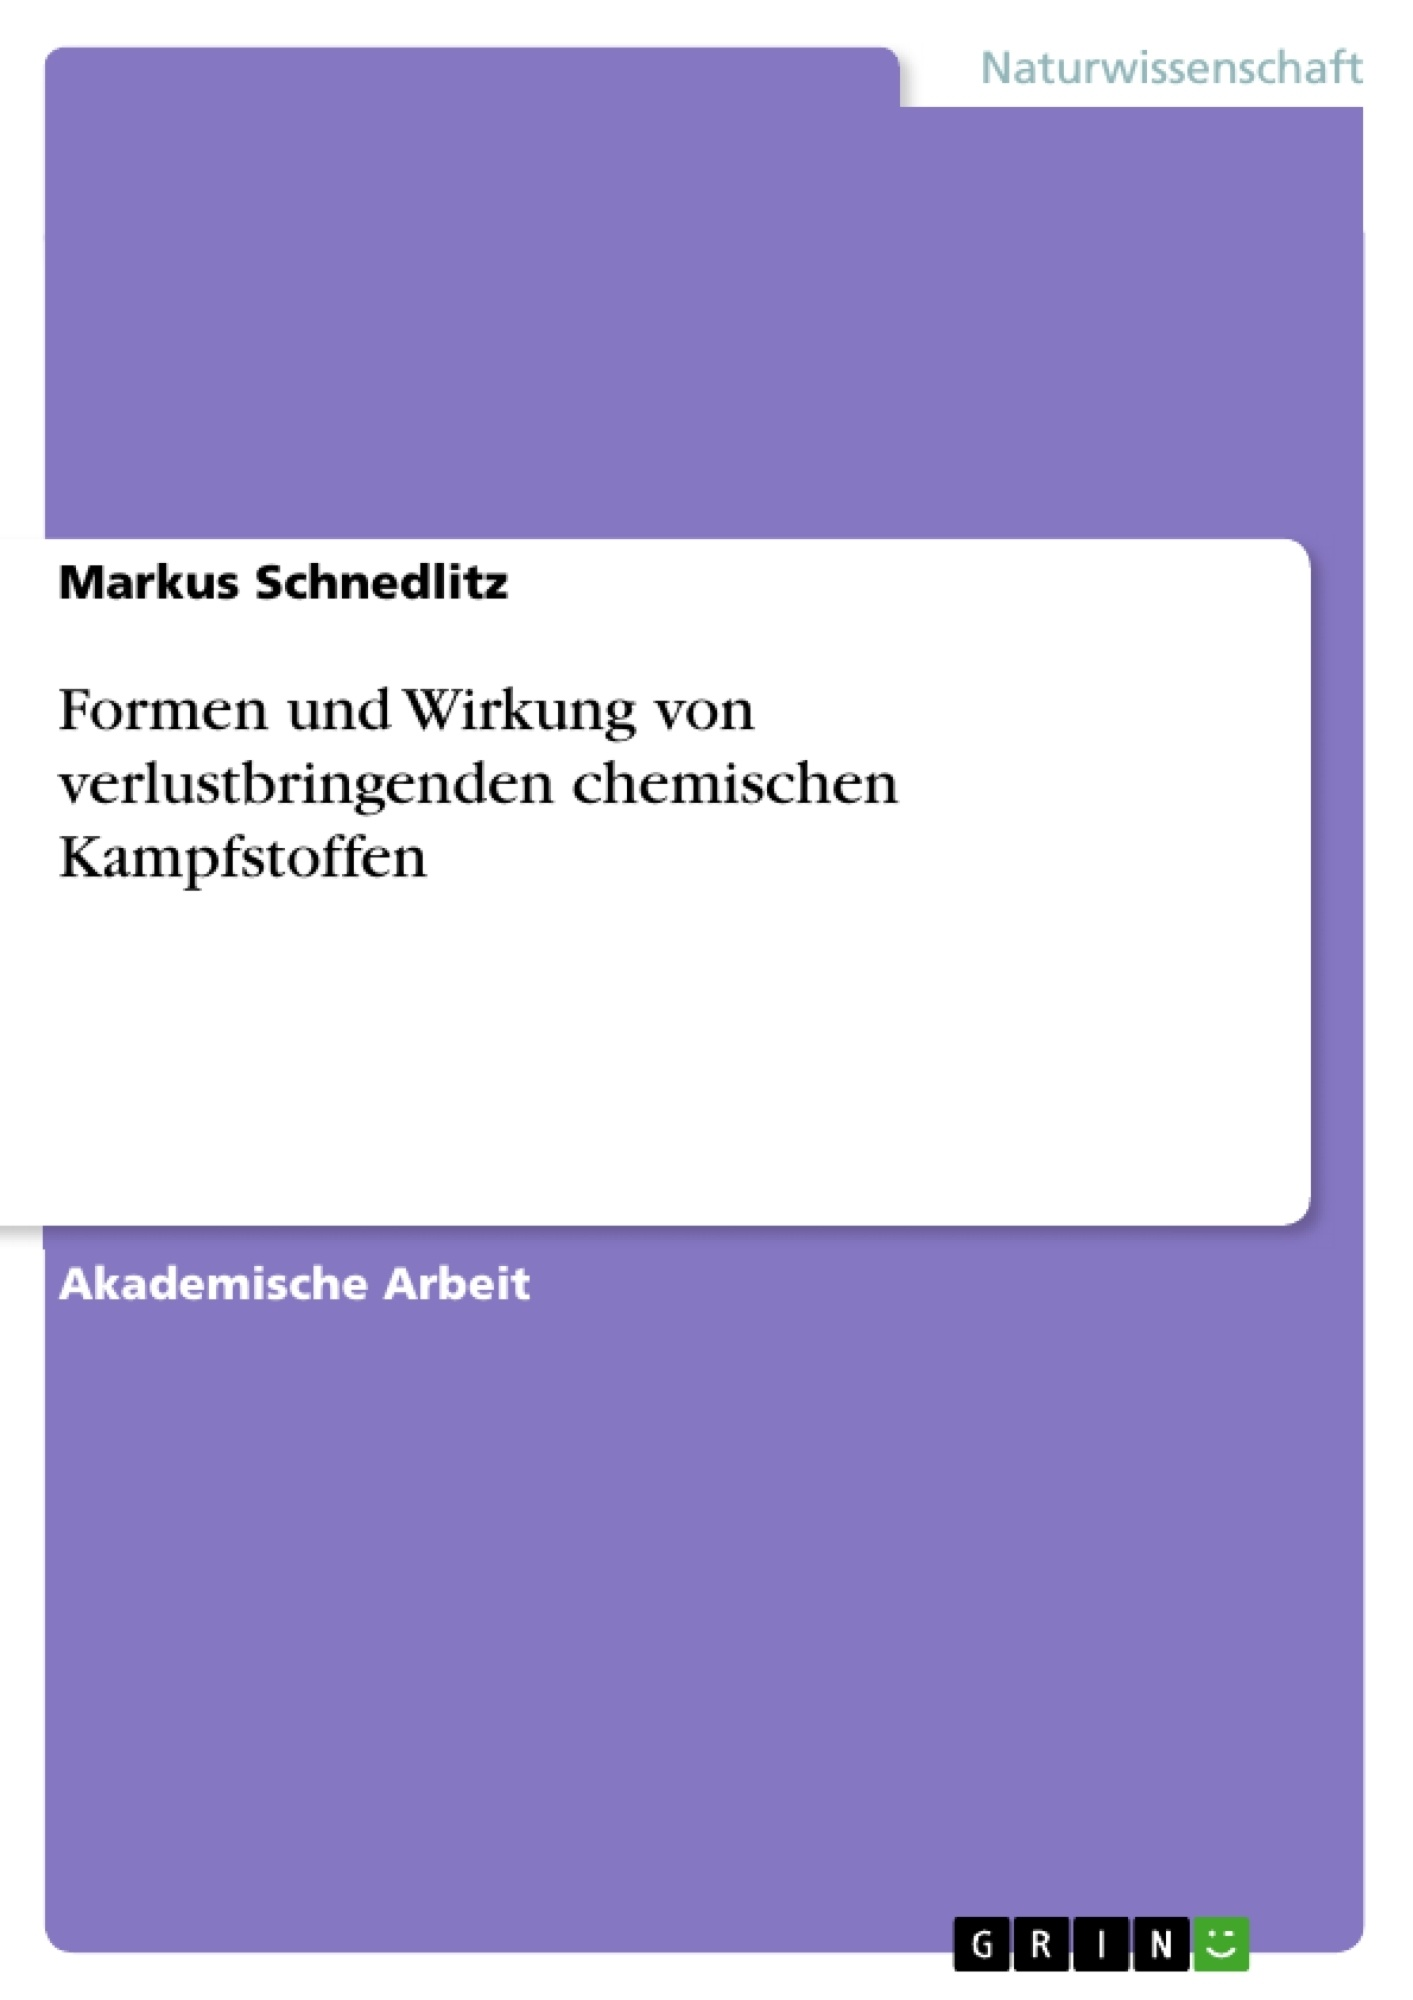 Titel: Formen und Wirkung von verlustbringenden chemischen Kampfstoffen